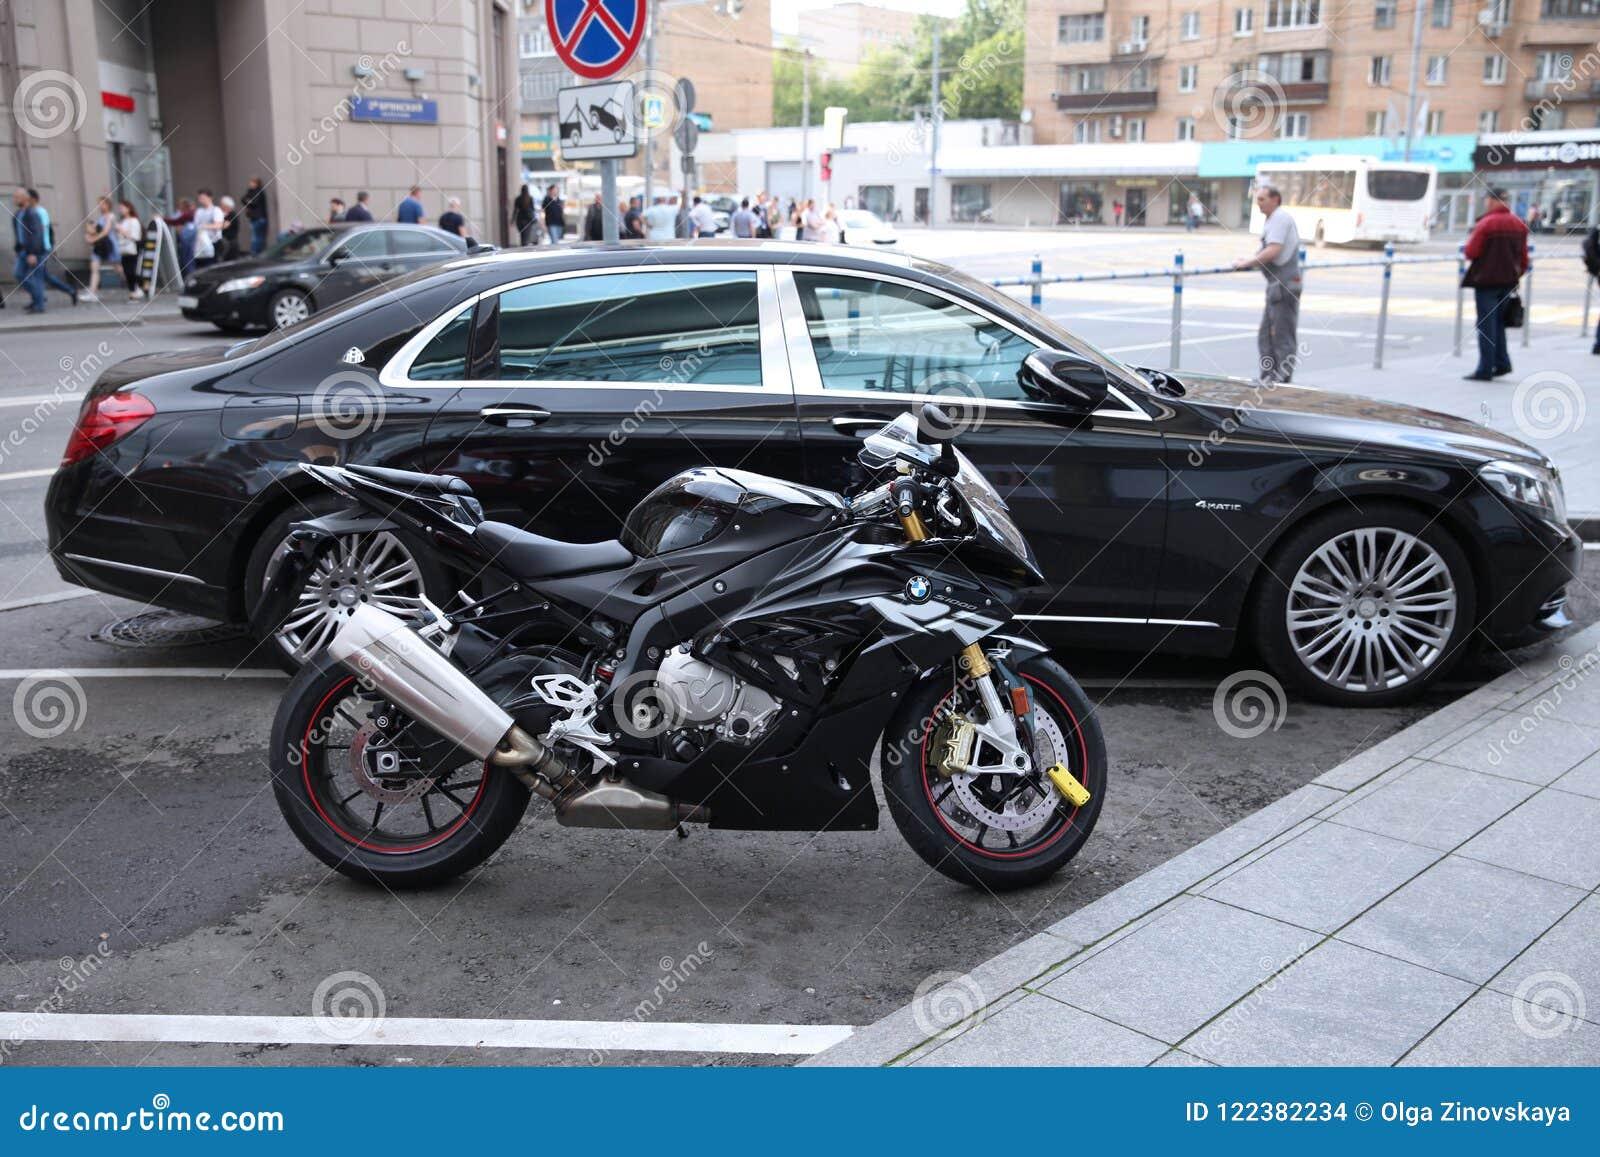 Bmw Motorrad Auf Dem Hintergrund Von Mercedes Benz Im Parken Redaktionelles Stockbild Bild Von Motorrad Mercedes 122382234